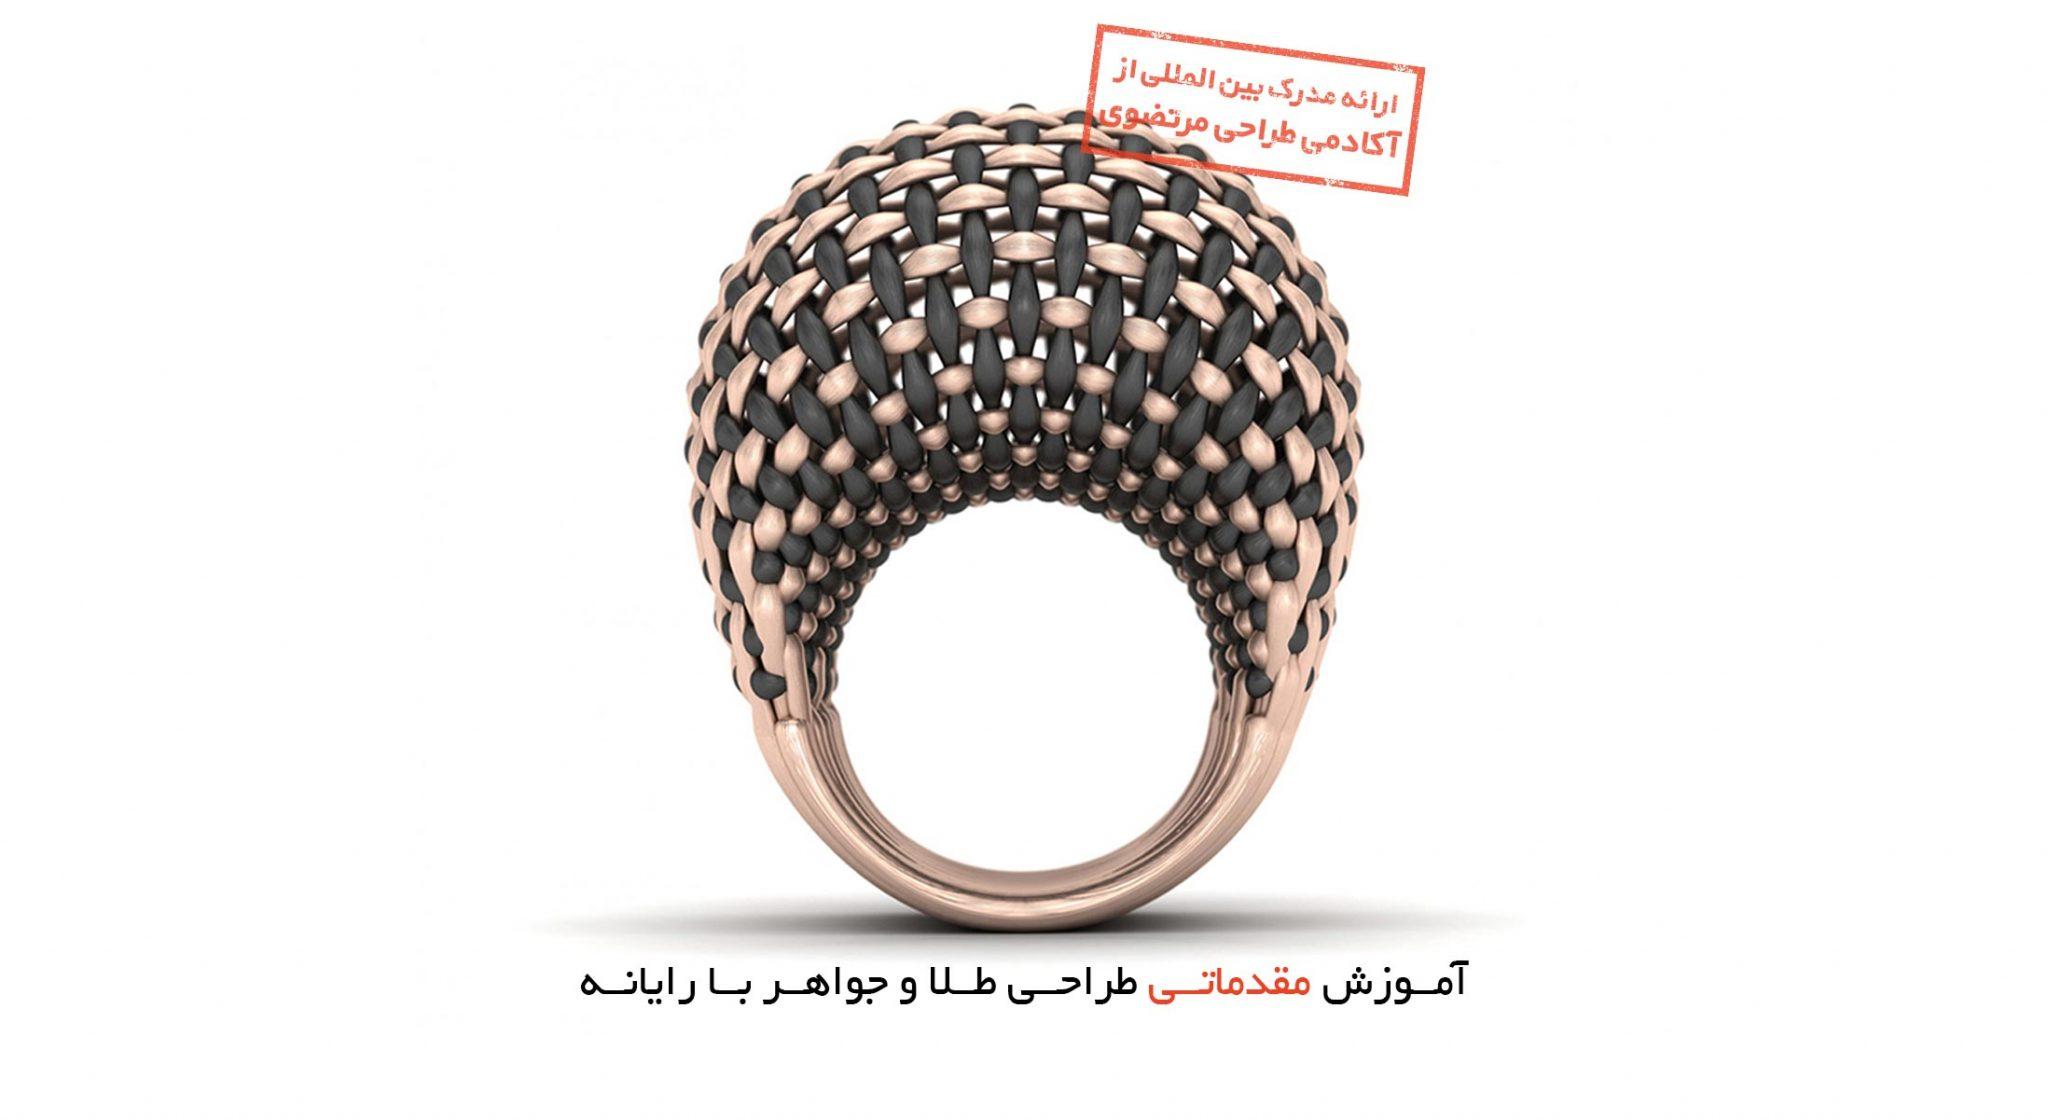 طراحی جواهرات,طراحی طلا و جواهر با رایانه